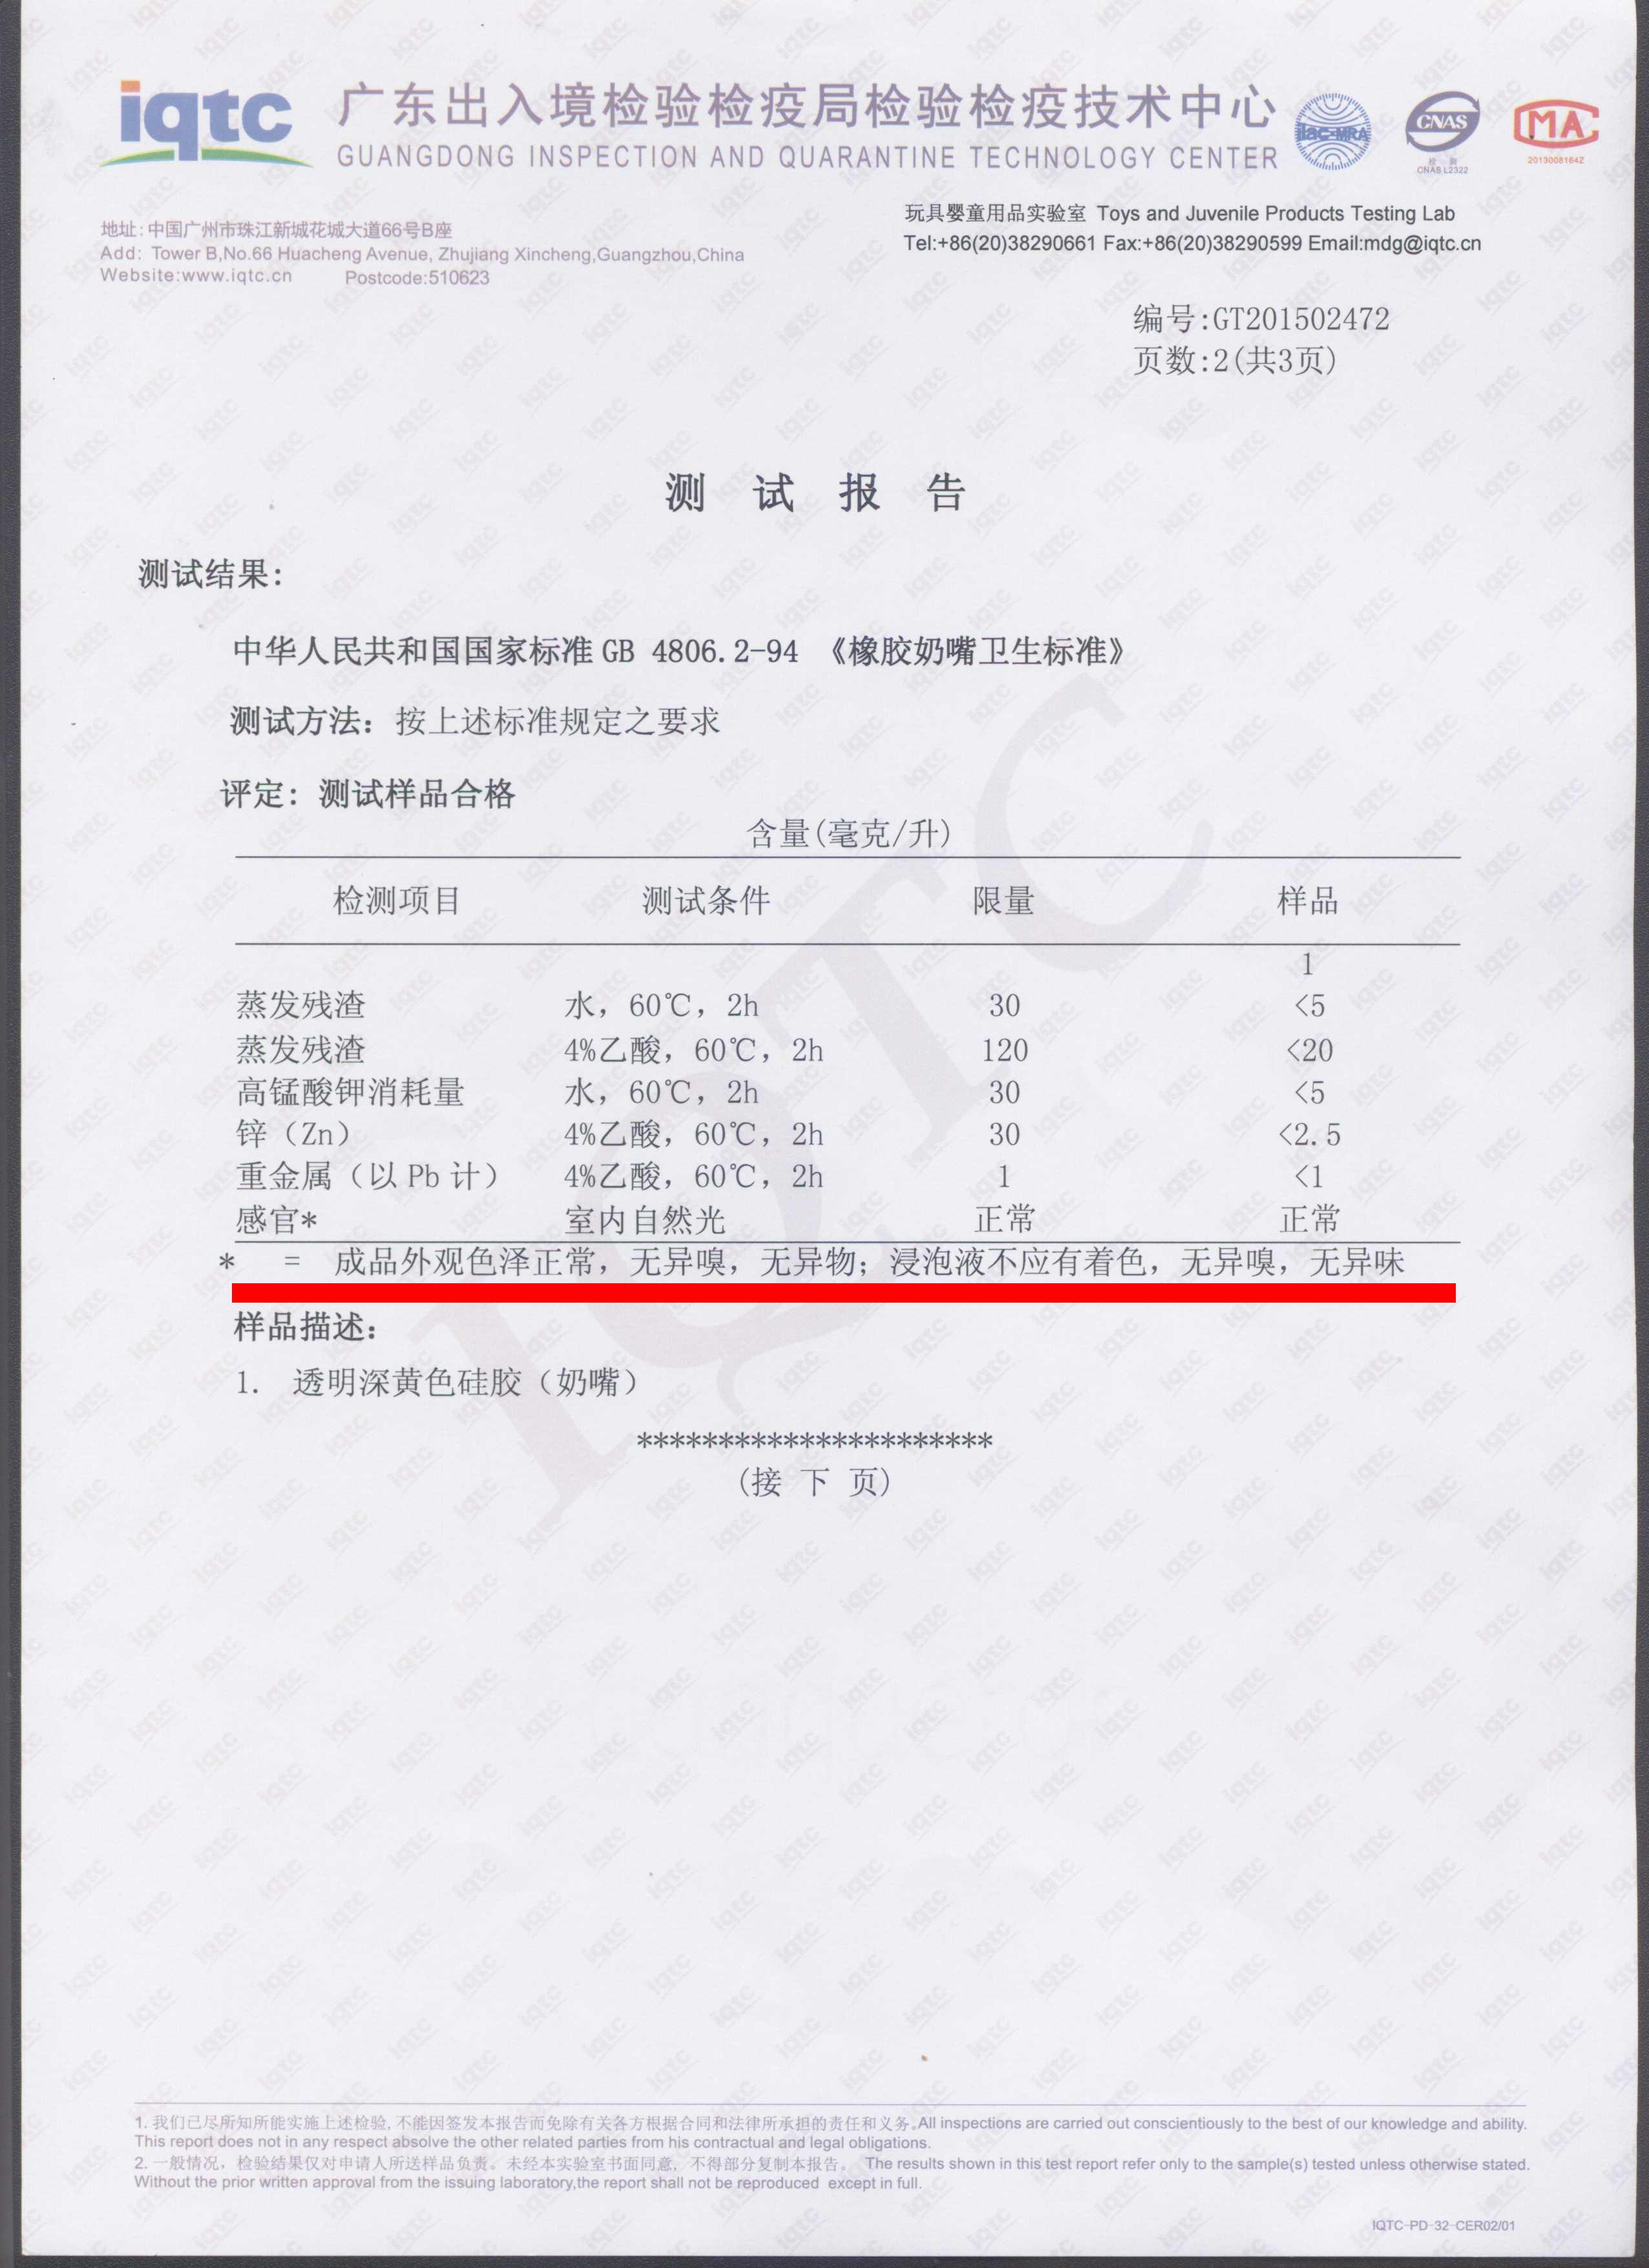 硅膠奶嘴衛生標準測試報告2